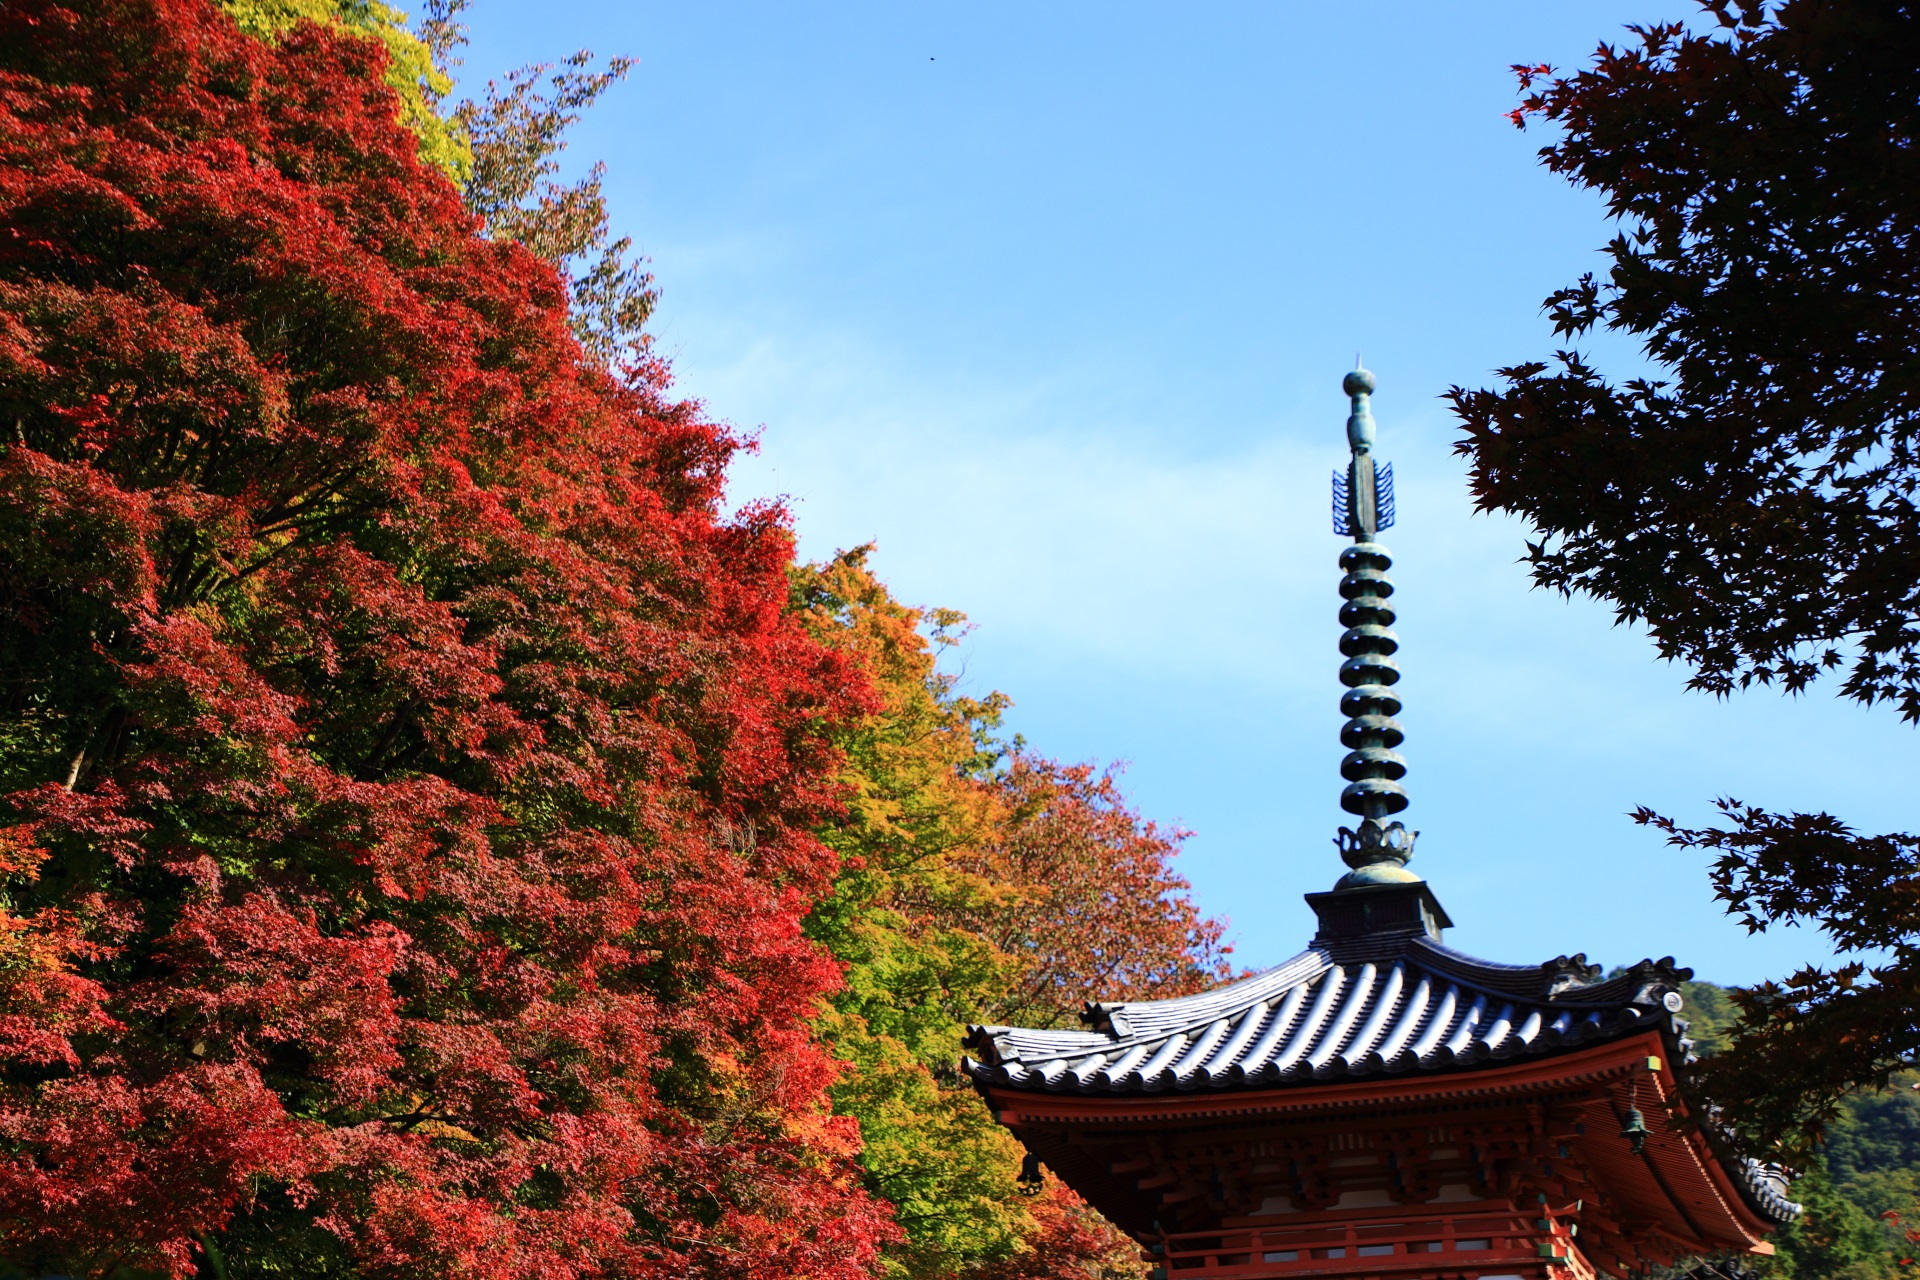 朱色の三重塔を染める鮮やかな赤い紅葉